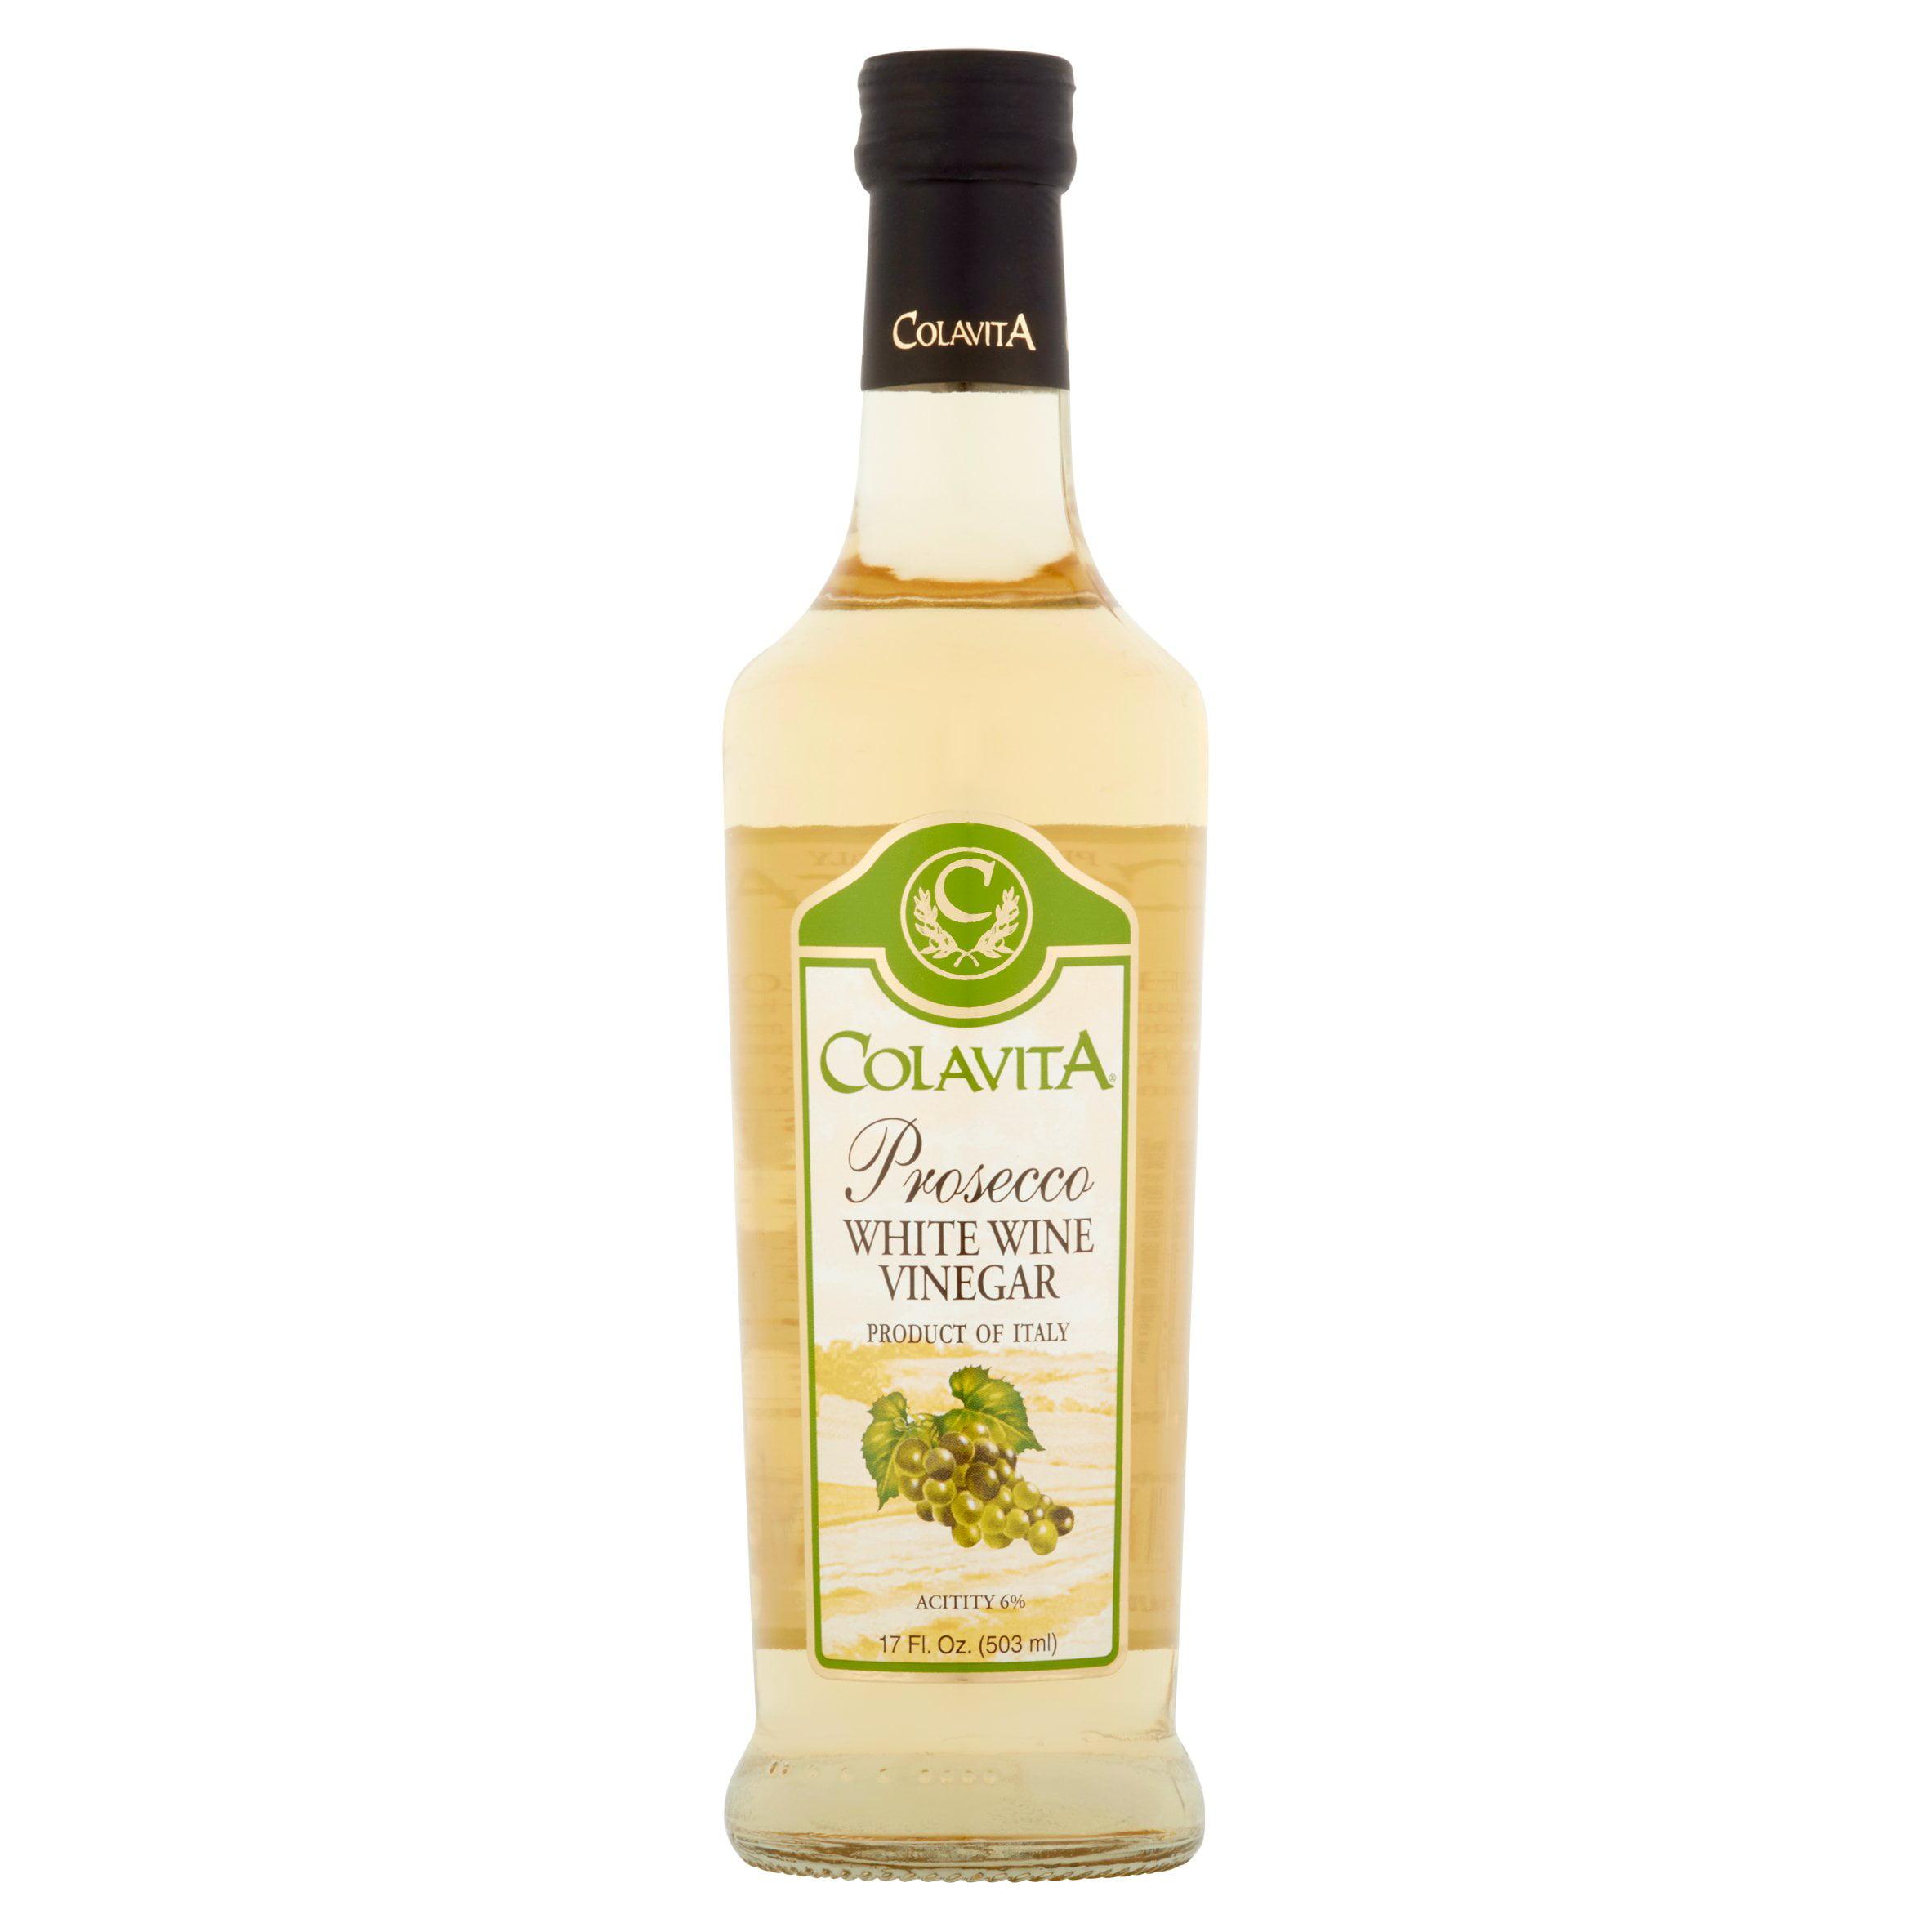 Colavita Prosecco White Wine Vinegar 17fl.oz by Colavita Usa